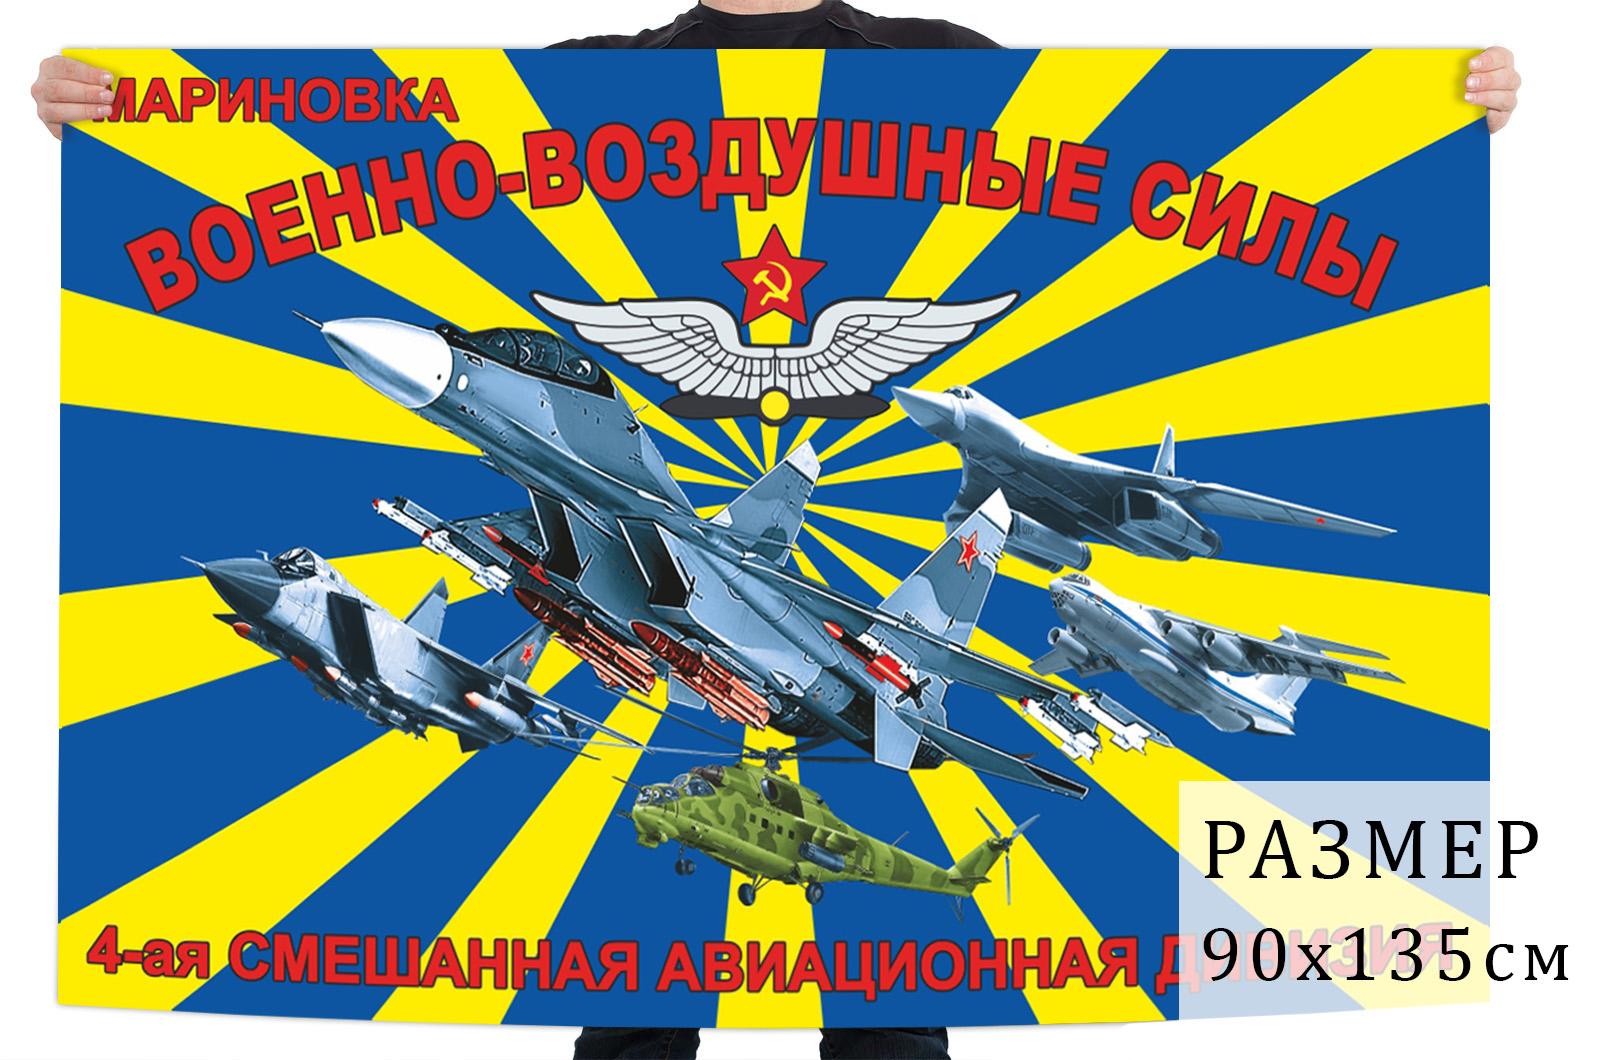 Флаг 4-я смешанная авиационная дивизия ВВС